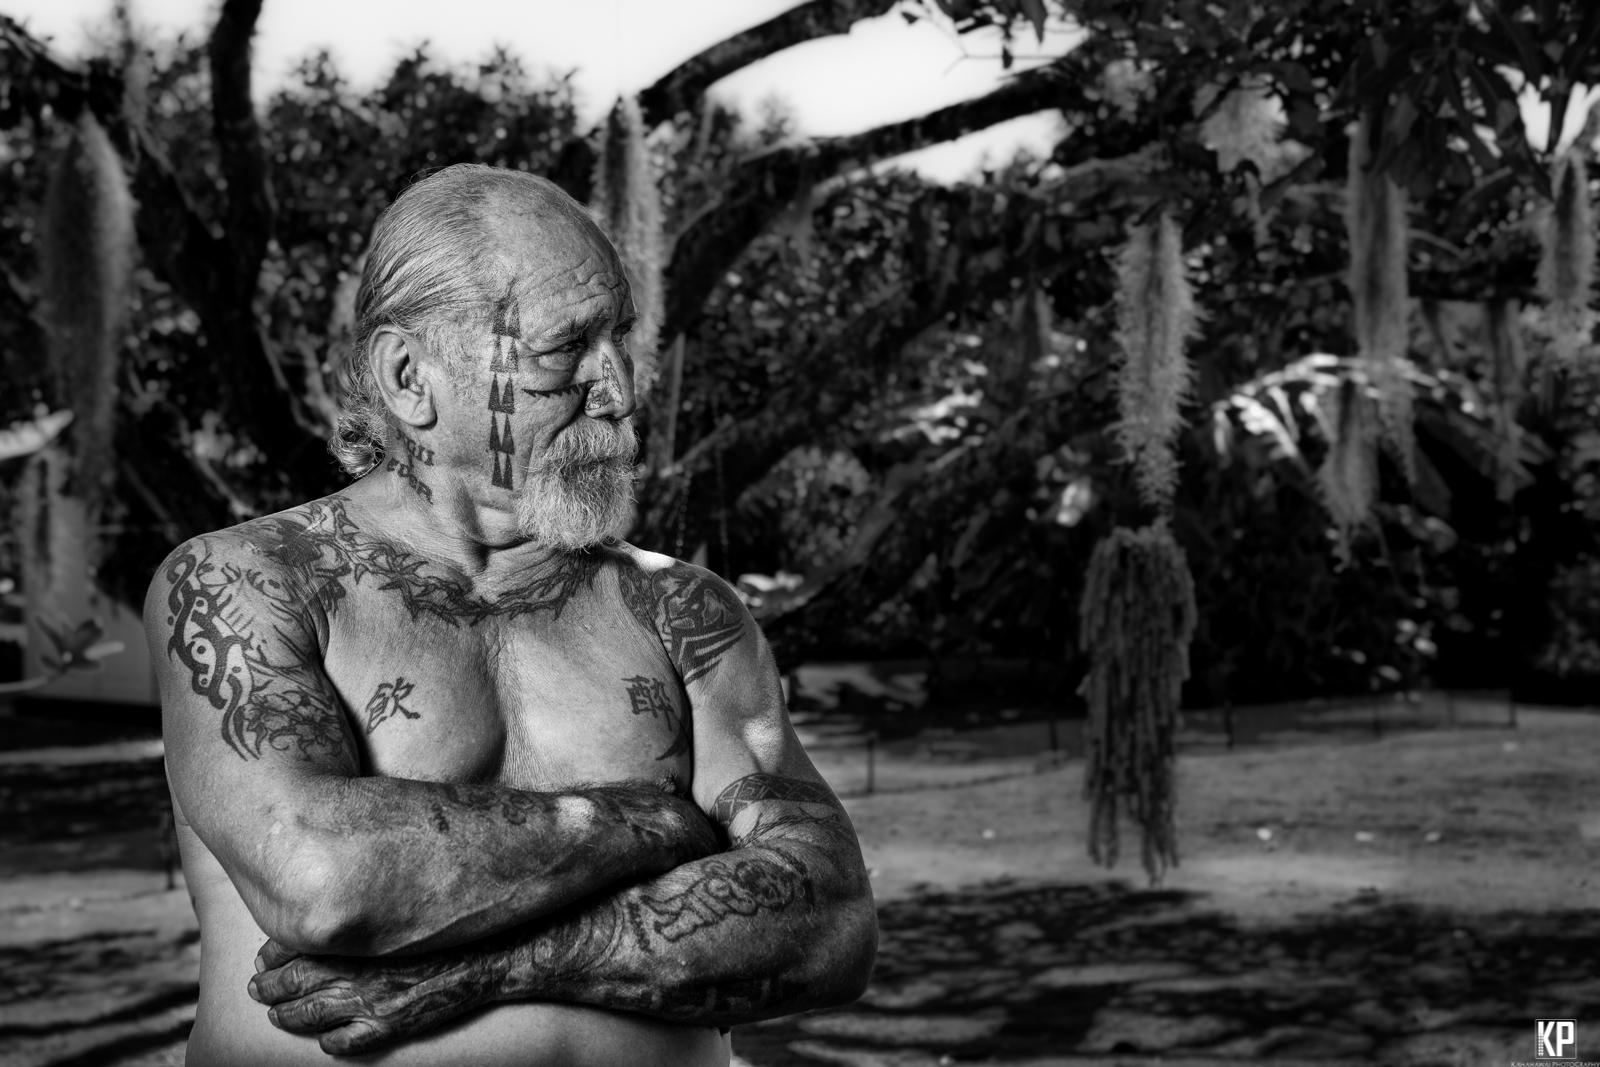 Heavy_tattoos